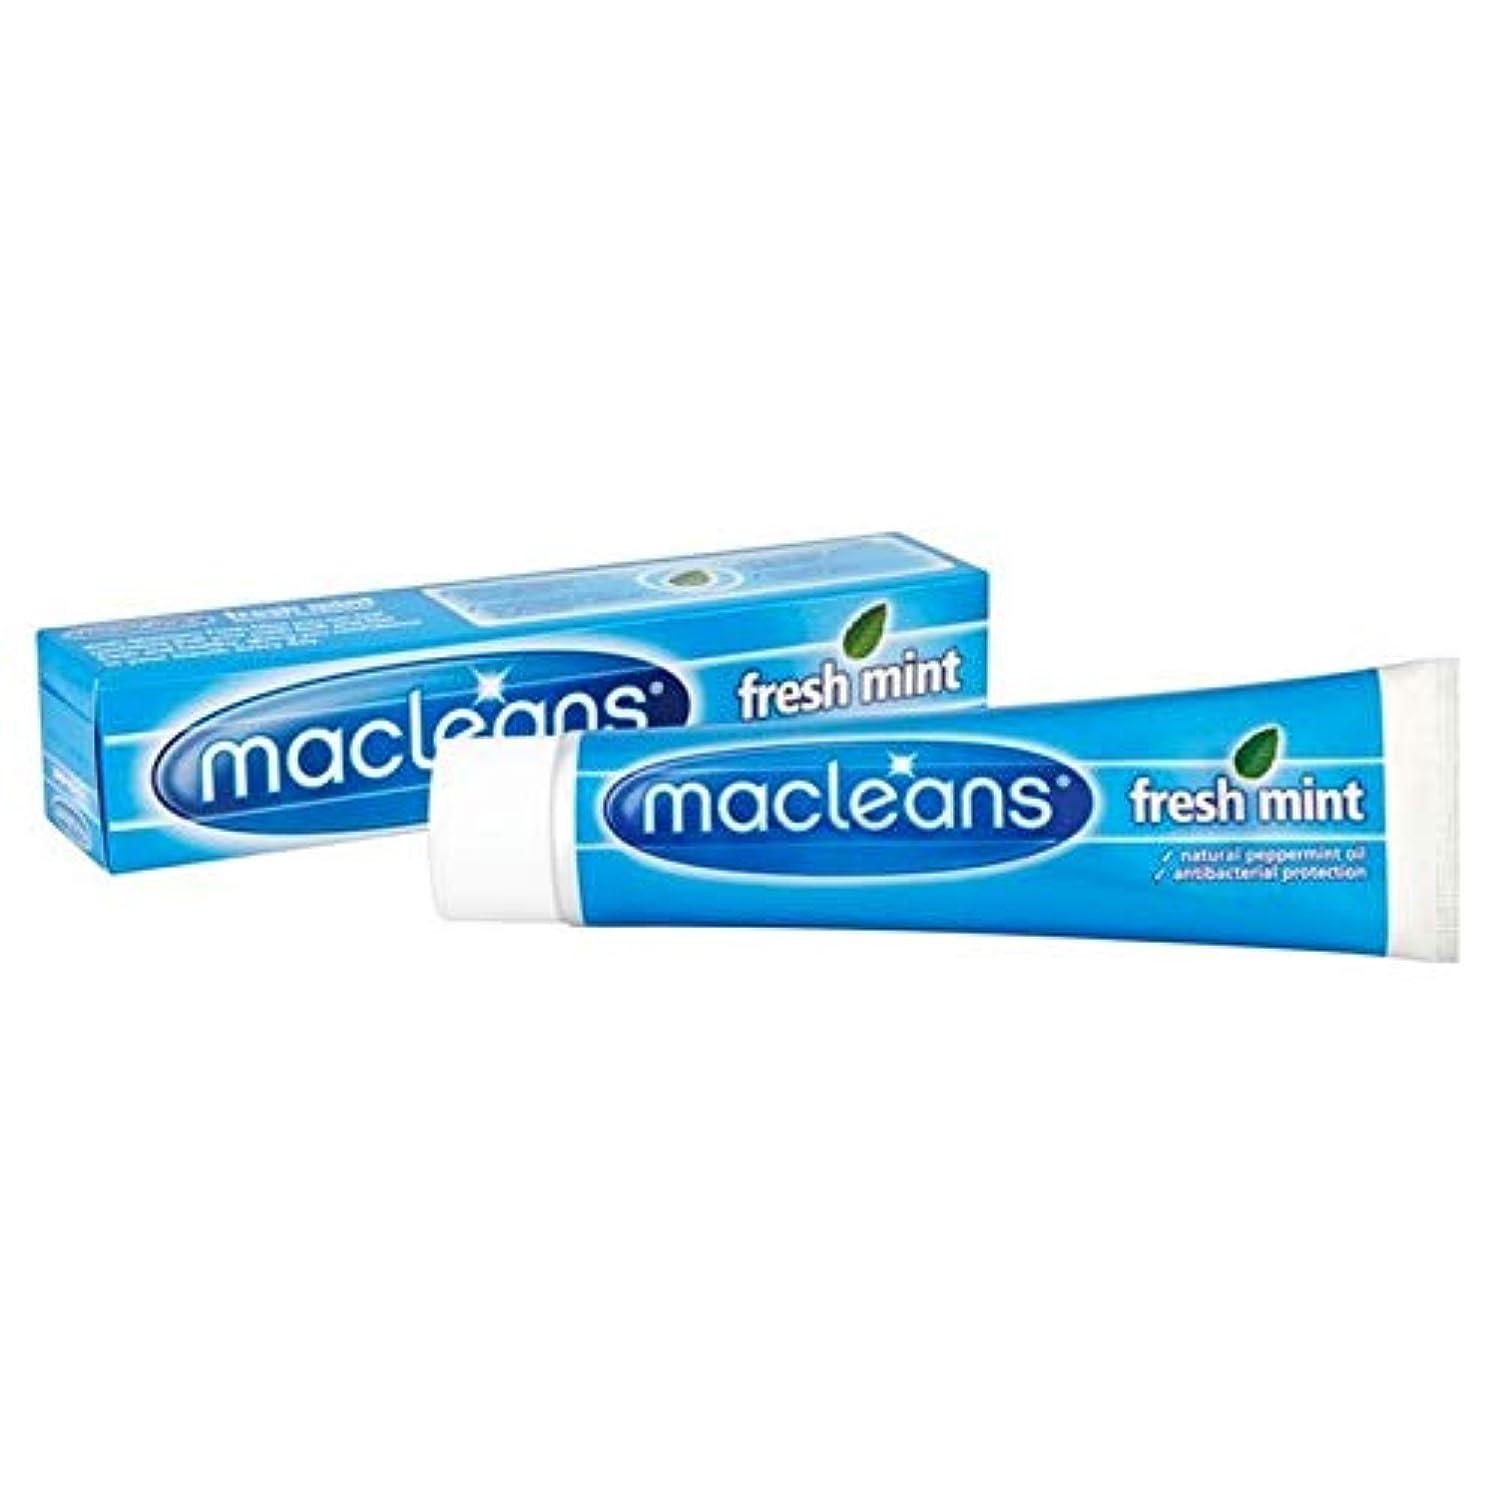 貴重な後退する管理者[Macleans] Macleansフレッシュミントの歯磨き粉の100ミリリットル - Macleans Fresh Mint Toothpaste 100ml [並行輸入品]